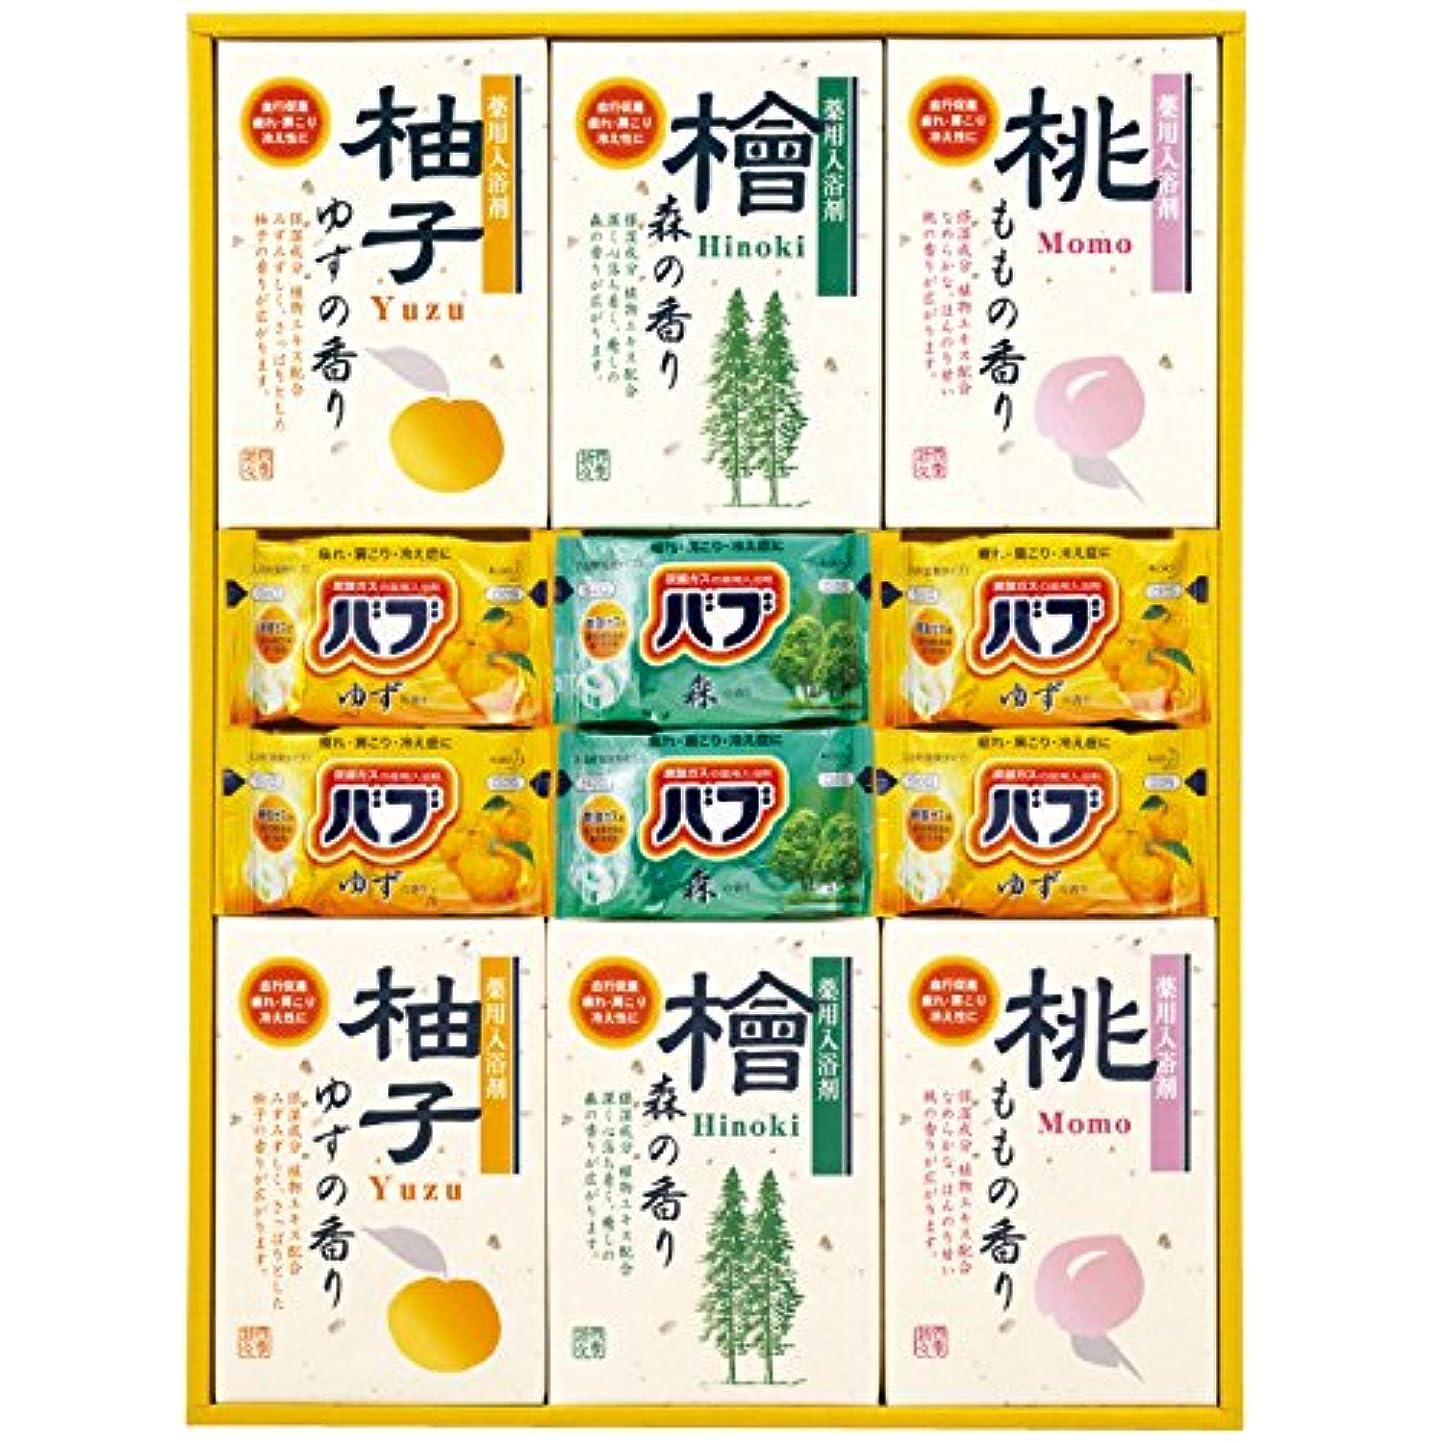 変色する吸収する穀物四季折々 薬用入浴剤セット SB-30 7163-050